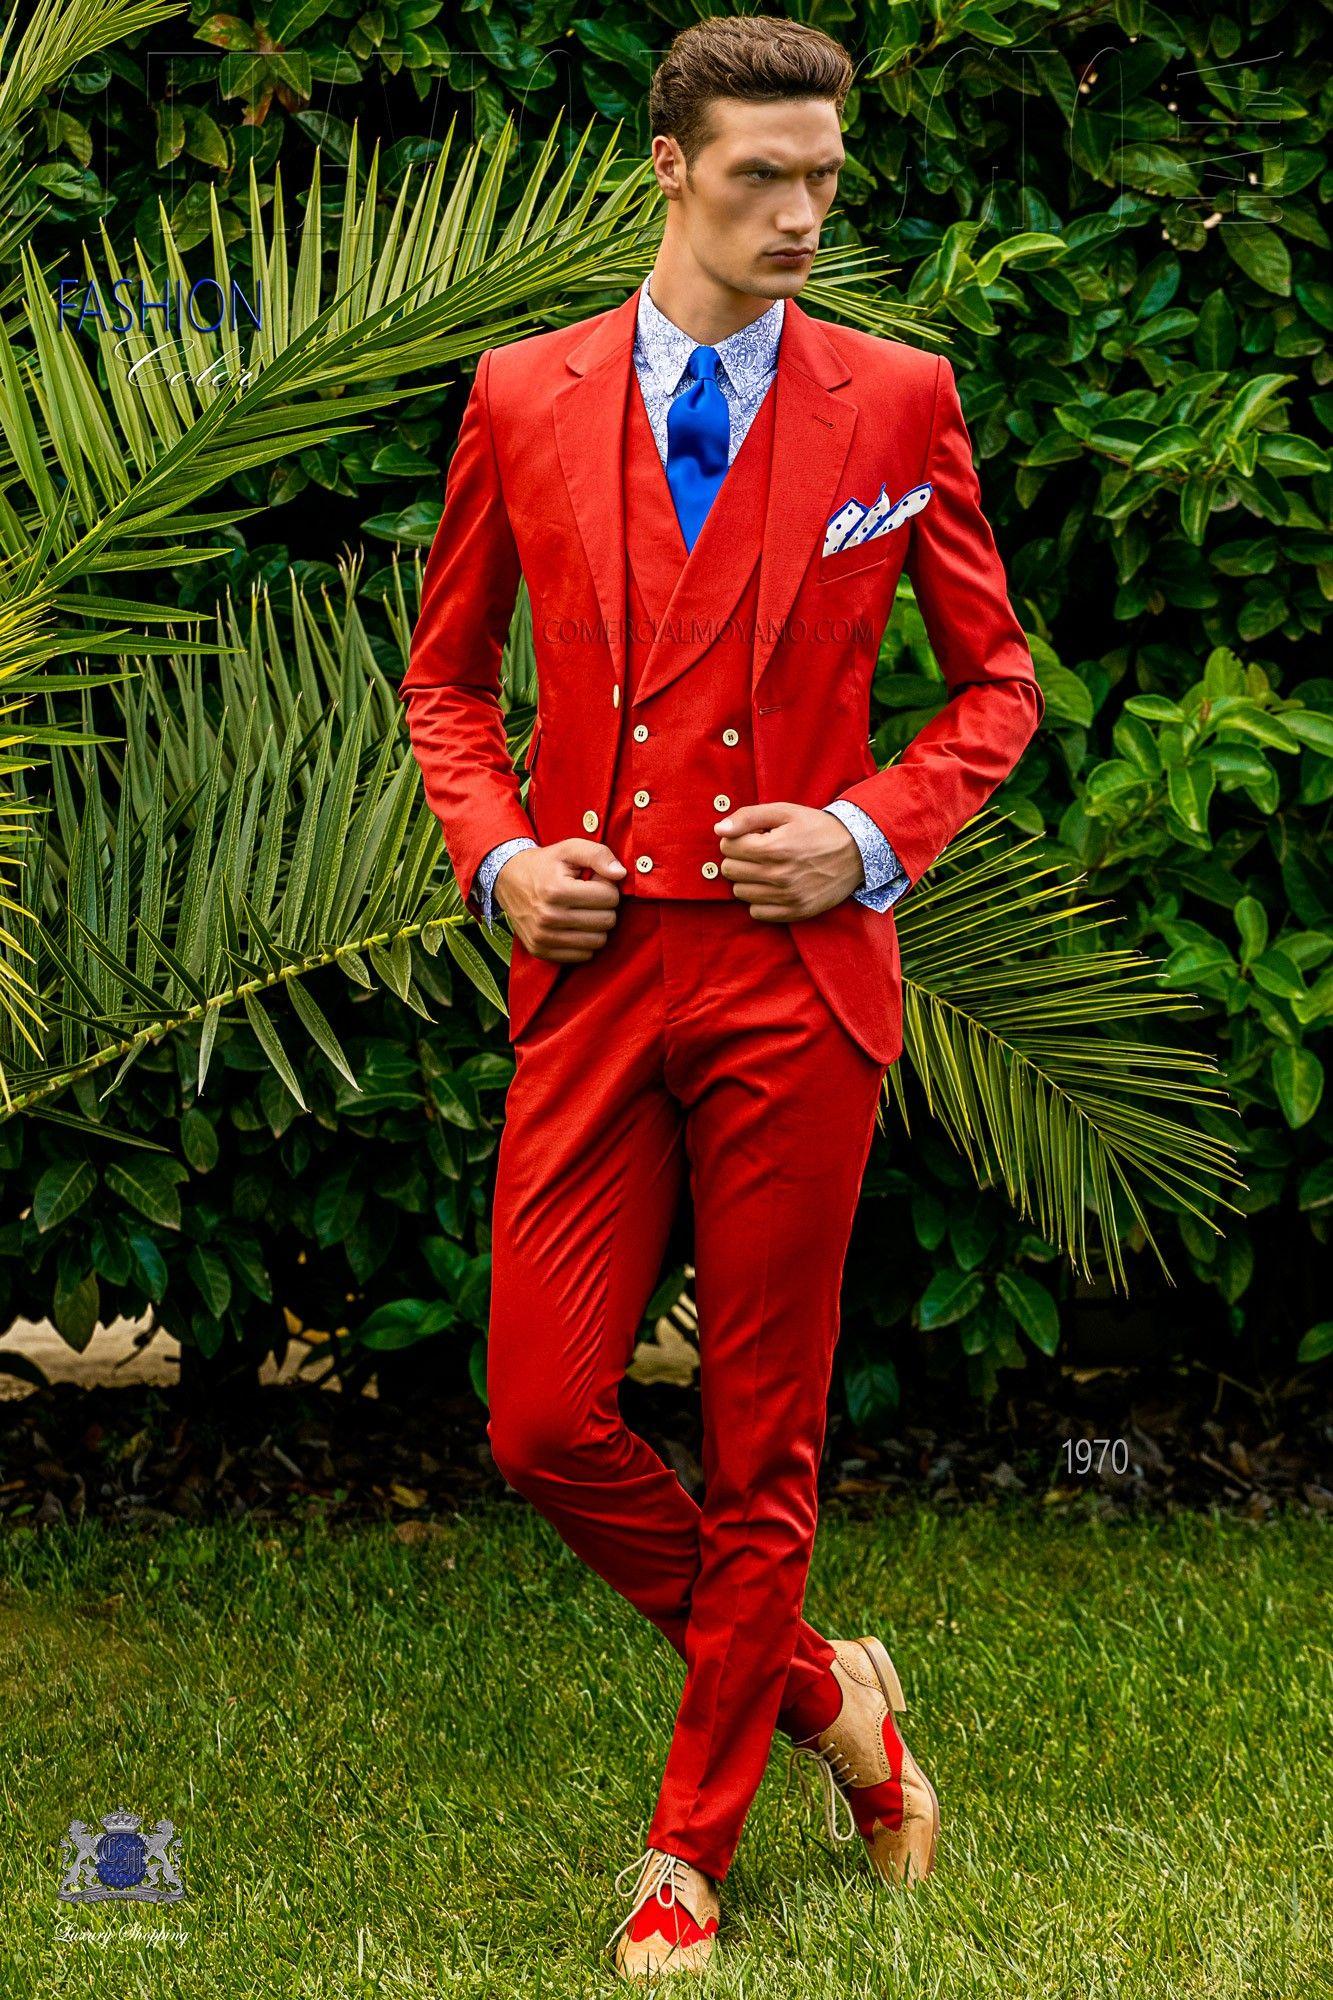 italienisch br utigam anzug rot aus baumwolle hochzeitsanzug 1970er und anz ge. Black Bedroom Furniture Sets. Home Design Ideas